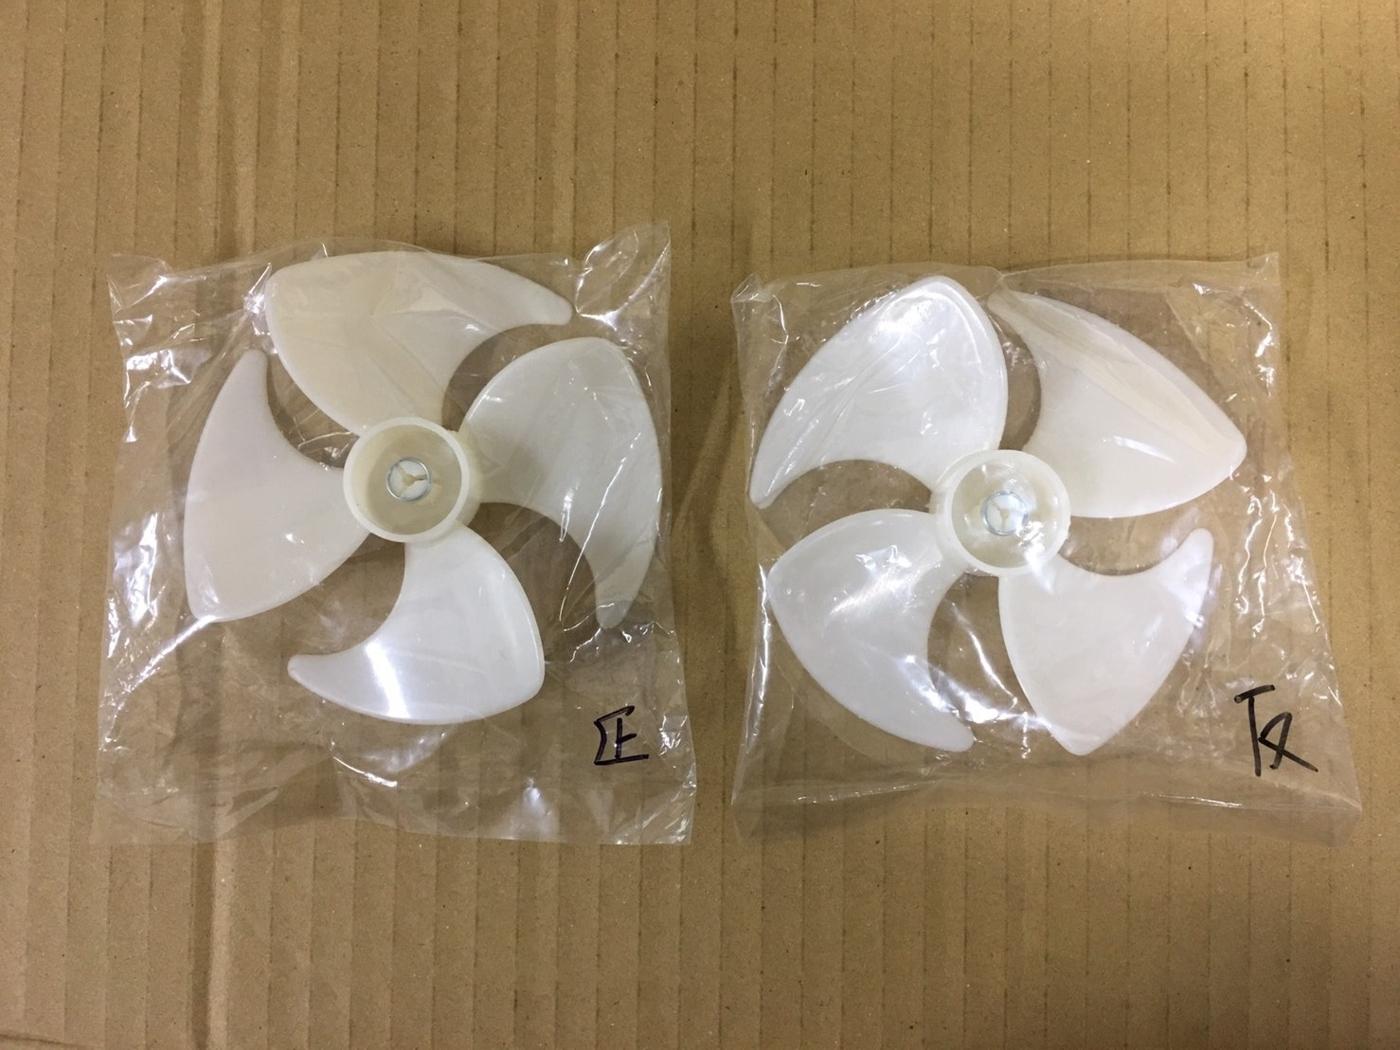 【冰箱風扇馬達扇葉】直徑 10CM   冰箱材料 冰箱零件